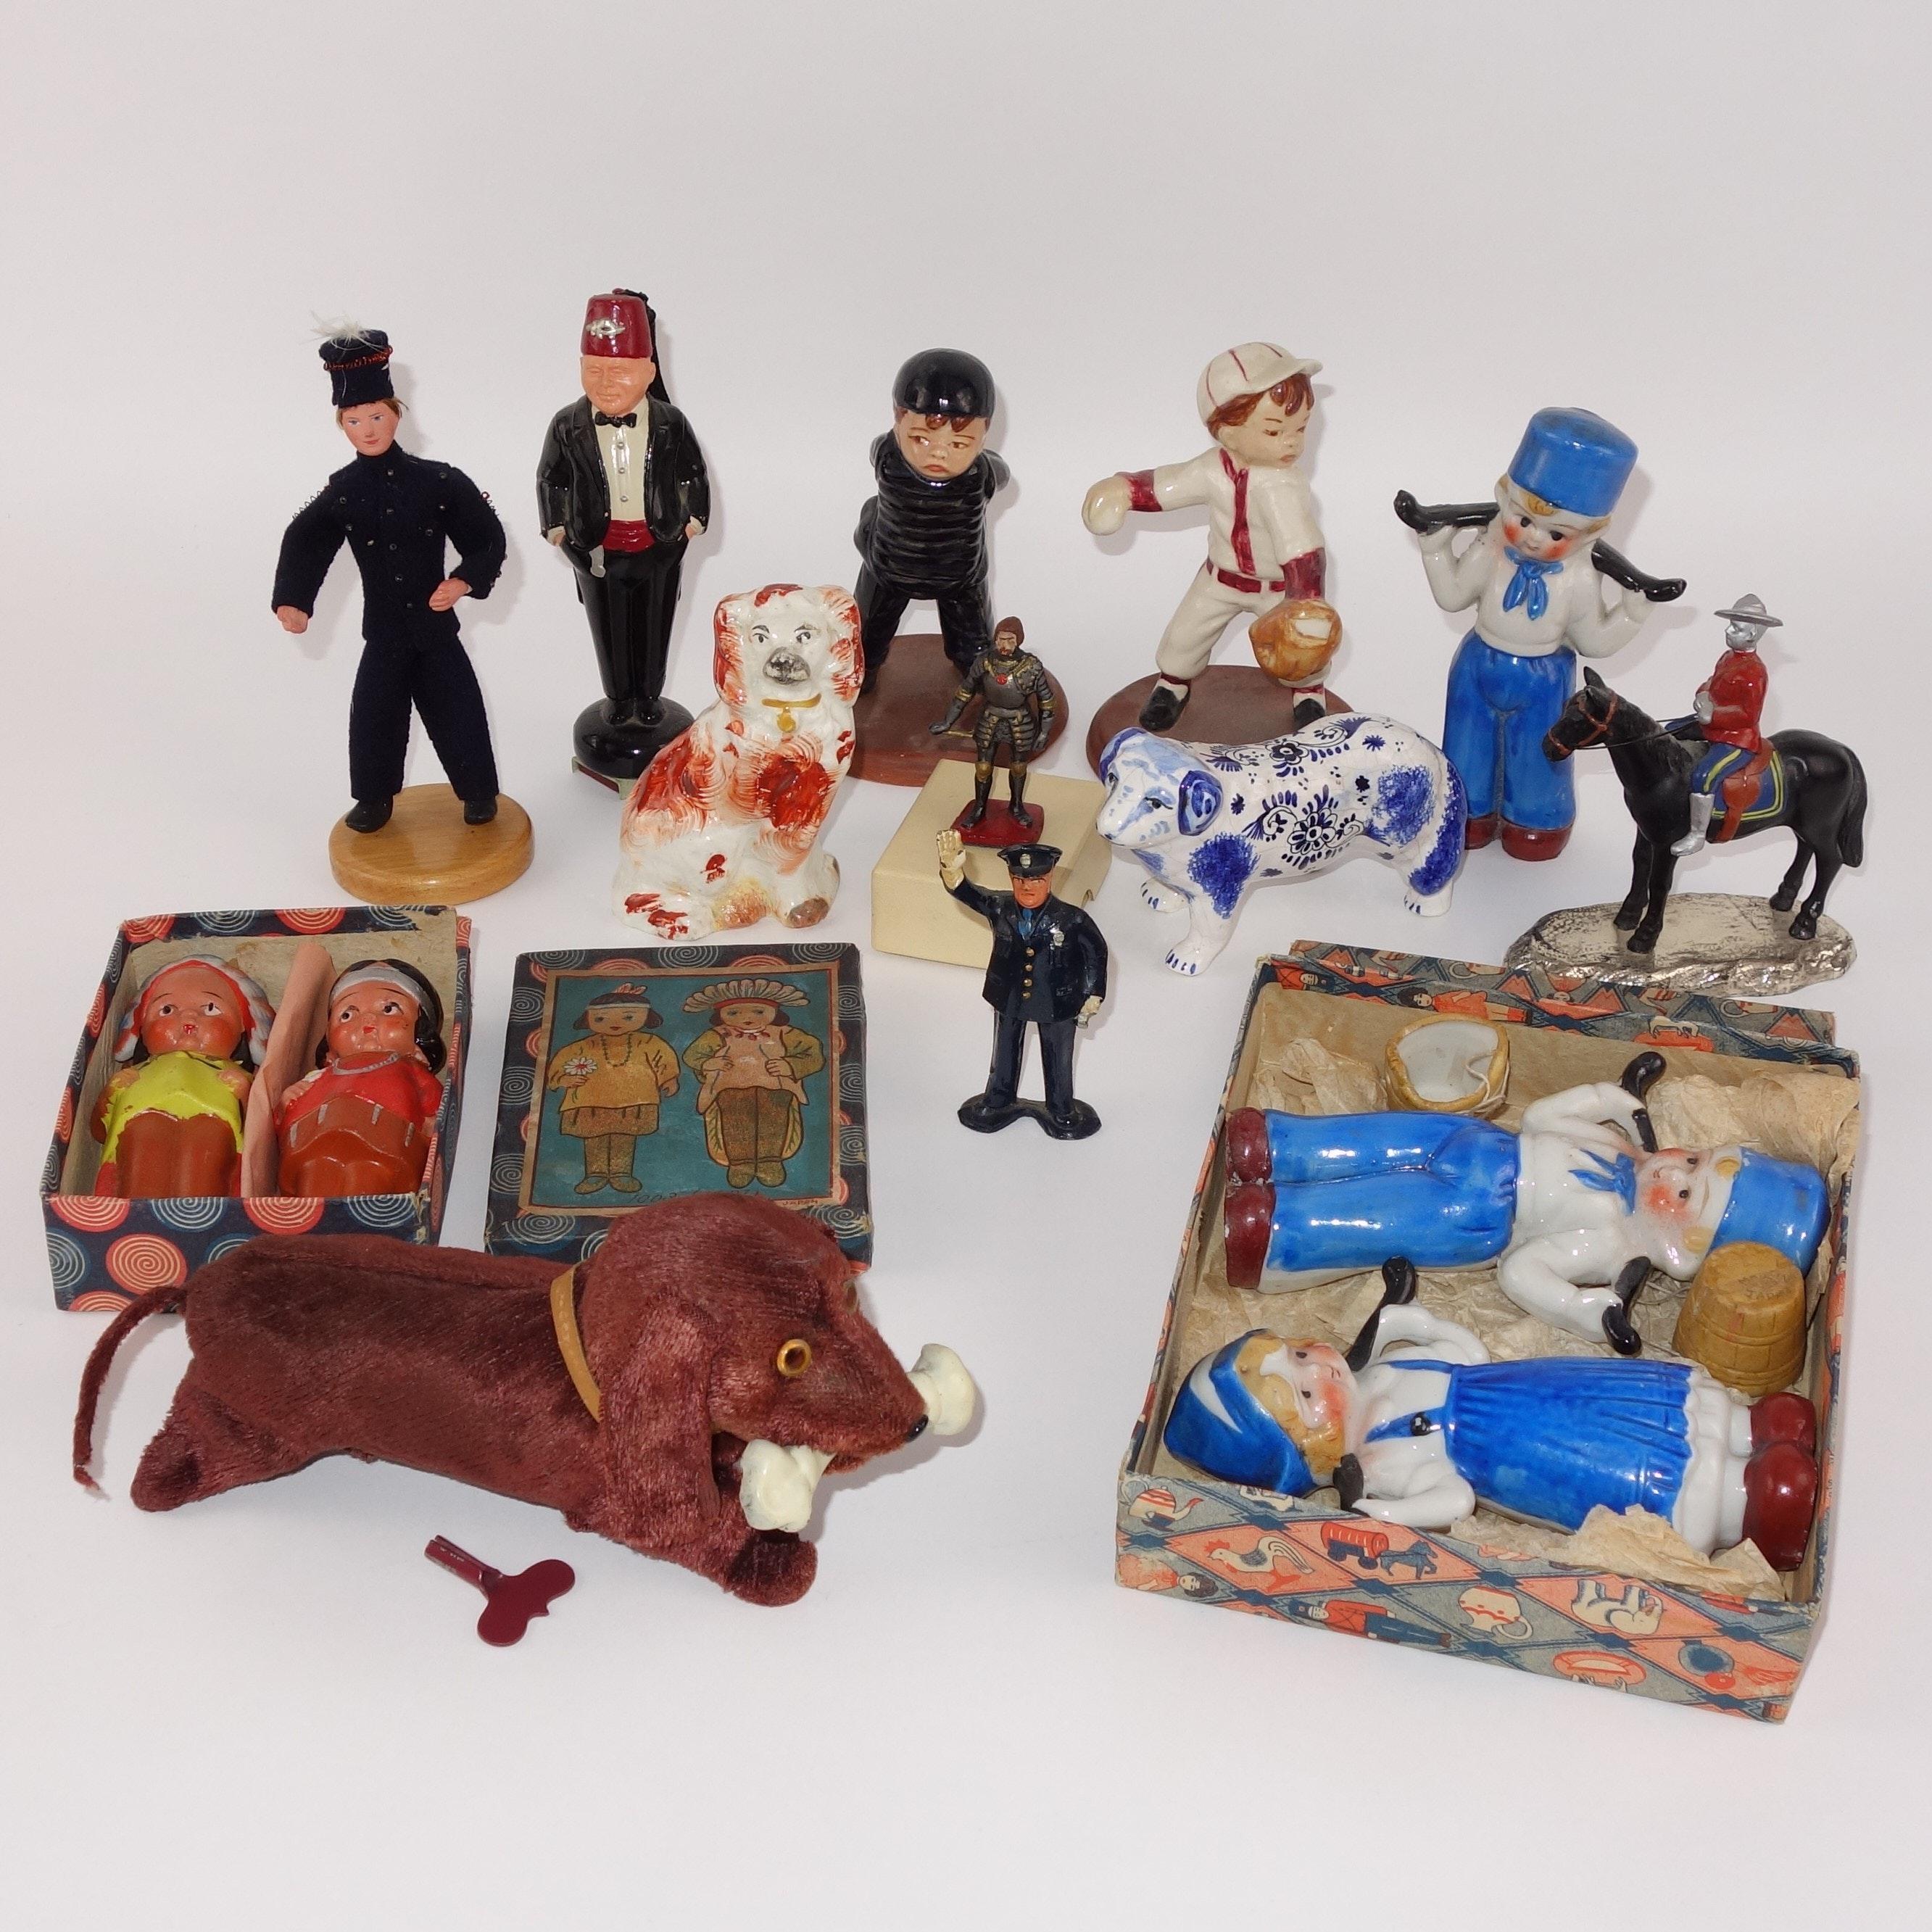 Vintage Small Figurines